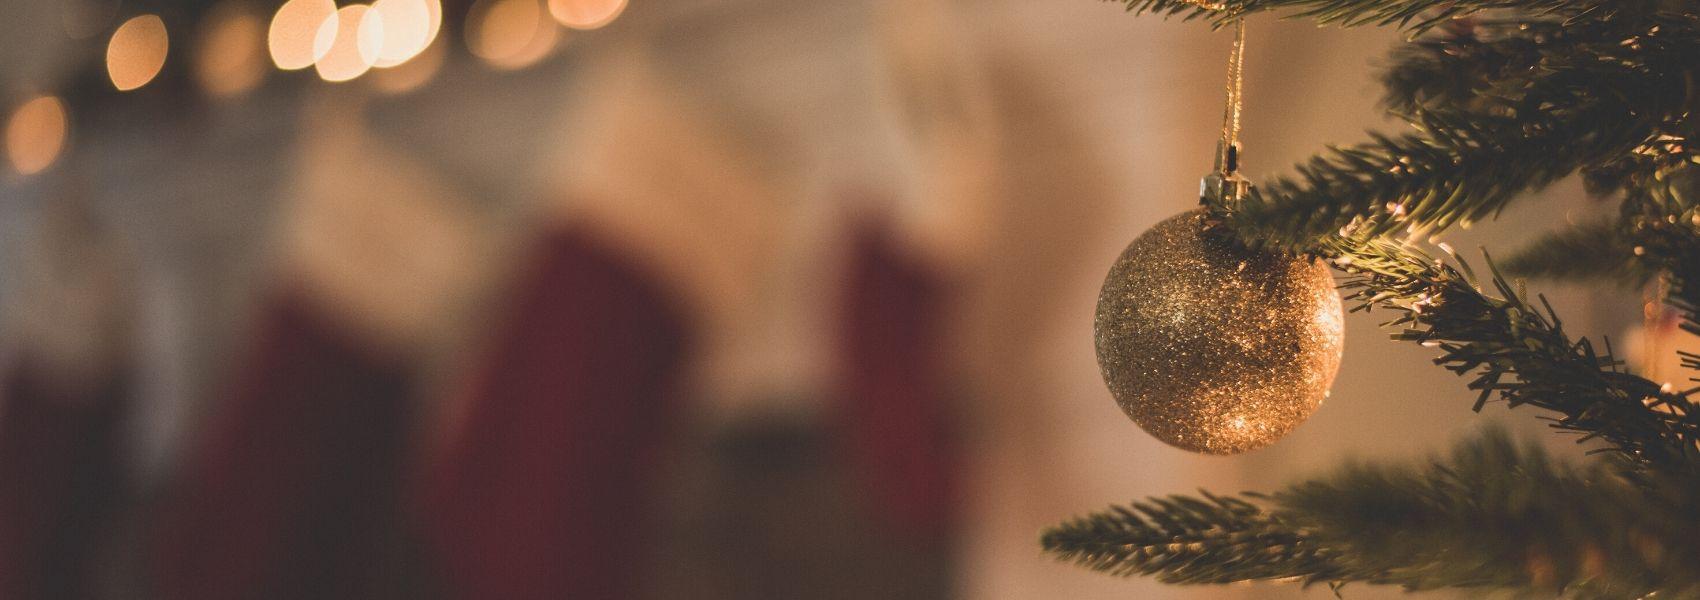 stress associado ao Natal